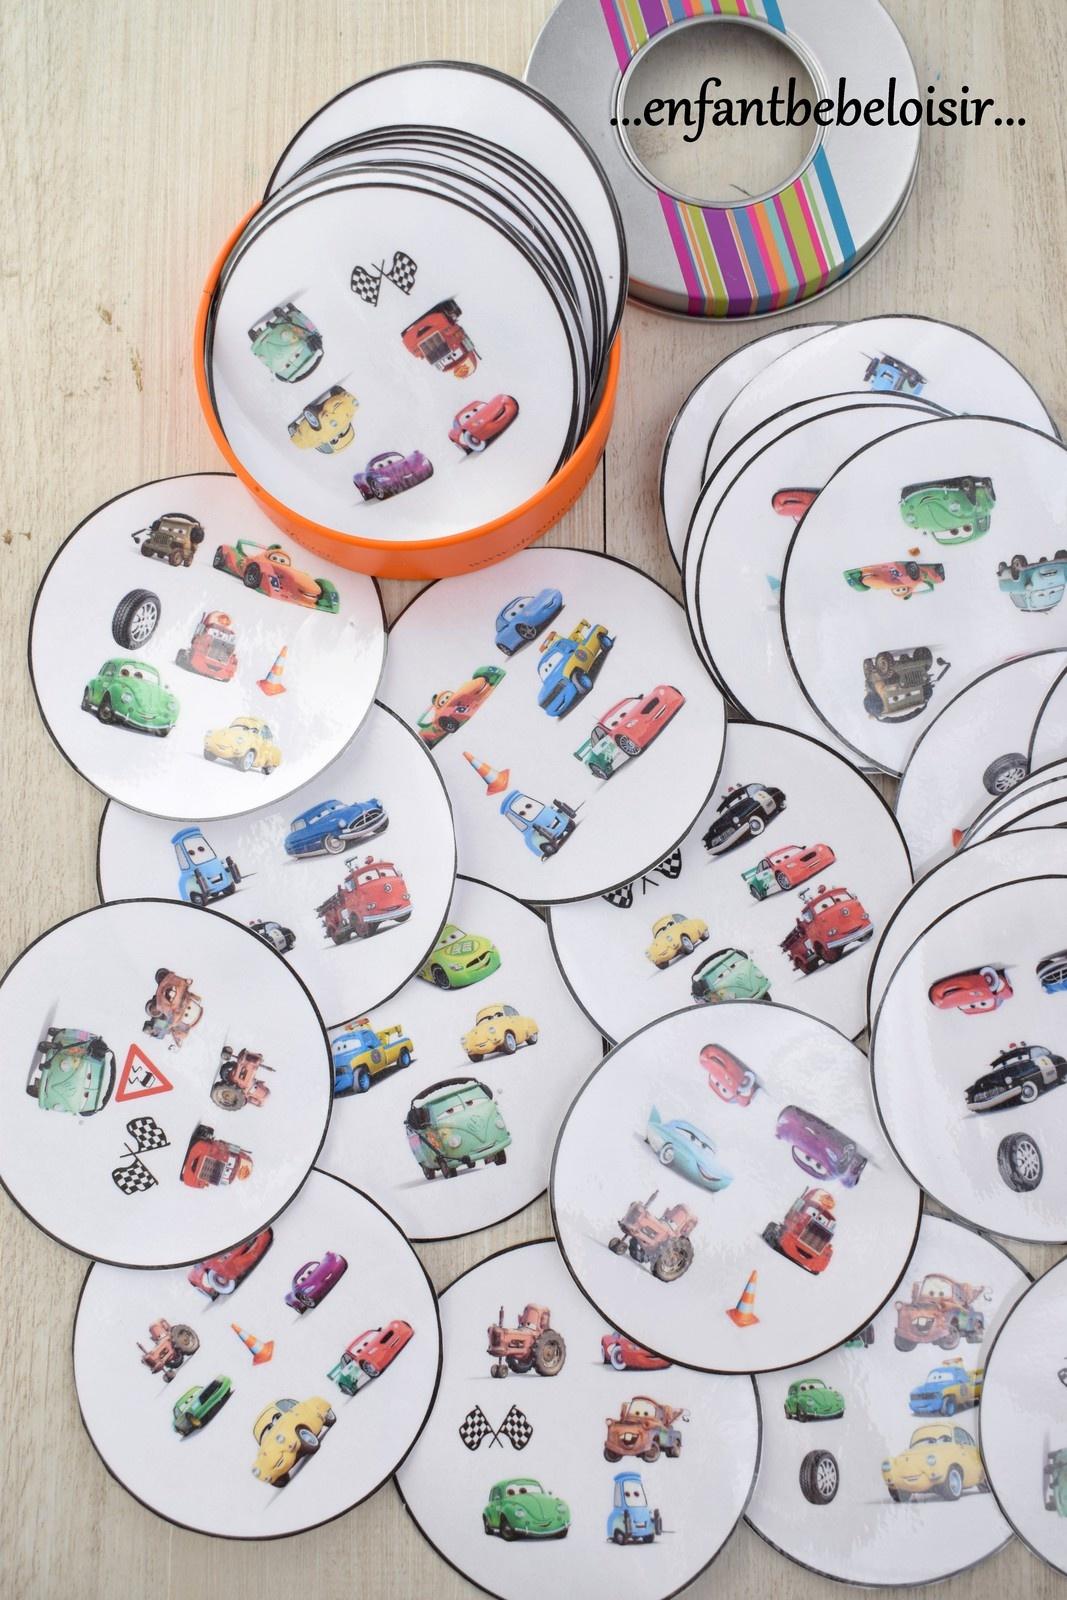 Jeu Dobble Cars Pixar À Imprimer - Gratuit - Enfant Bébé Loisir dedans Petite Carte De France A Imprimer